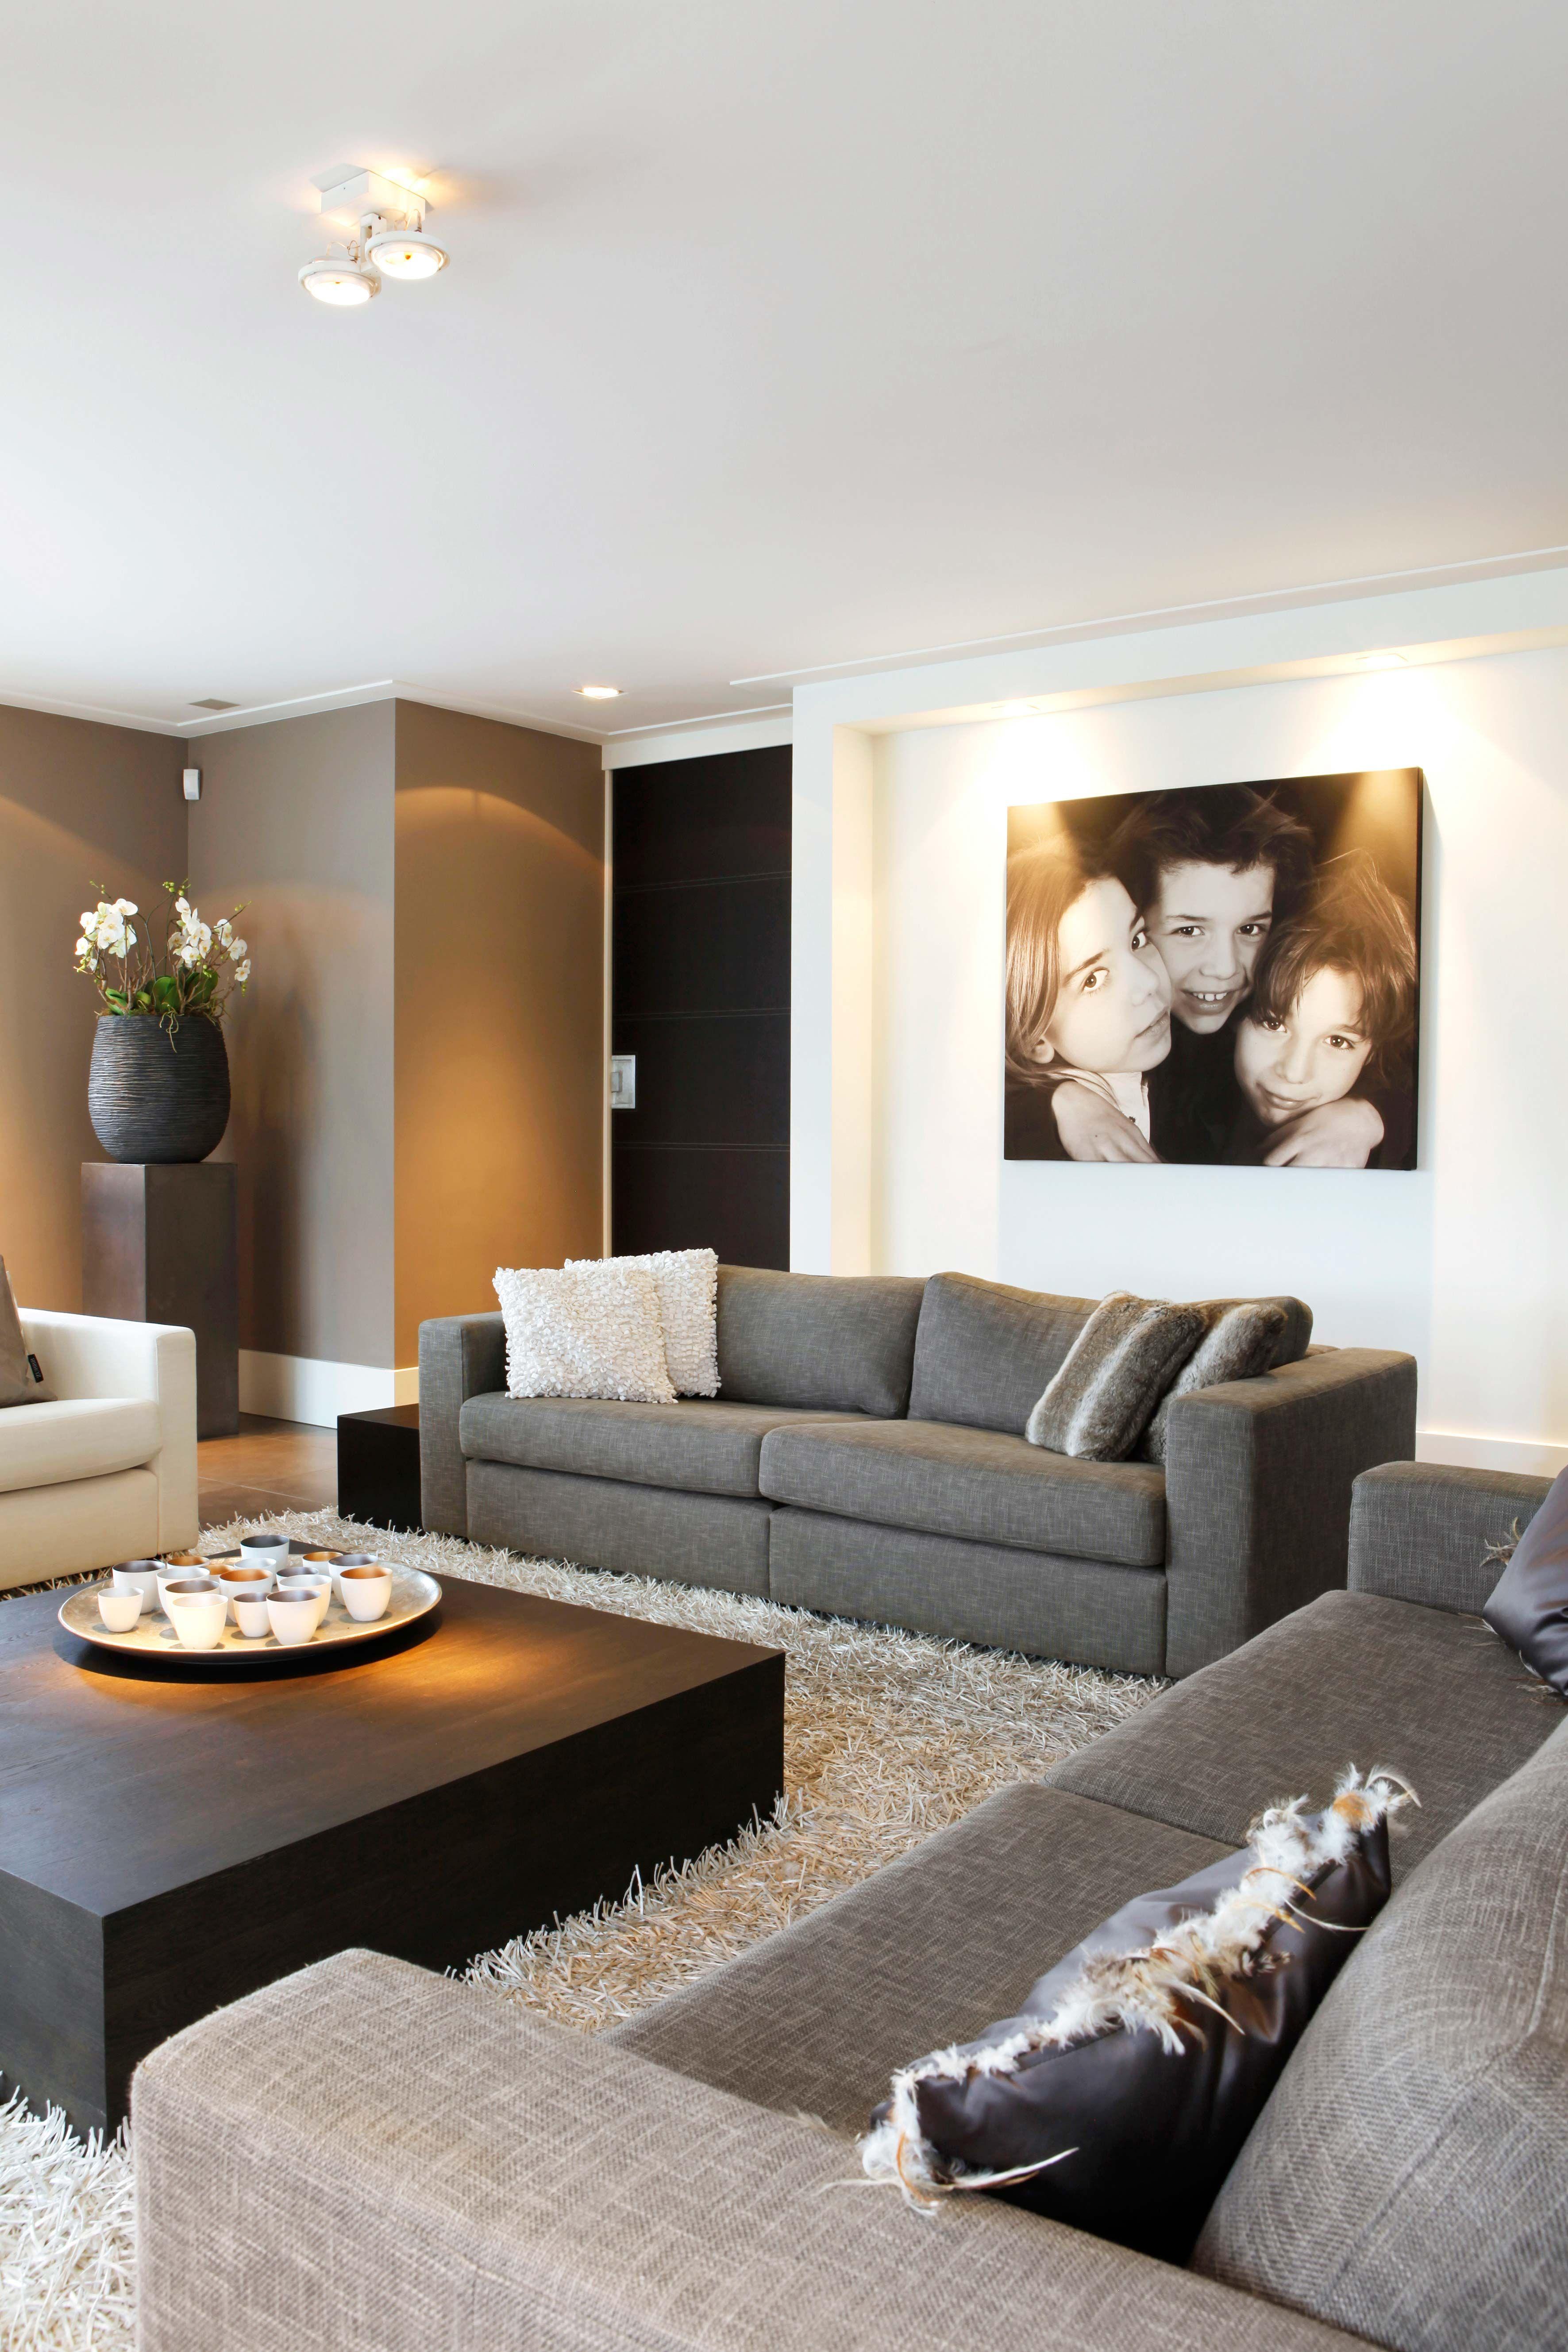 Couchtisch   Wohnen   Wohnzimmer, Wohnzimmer ideen und ...